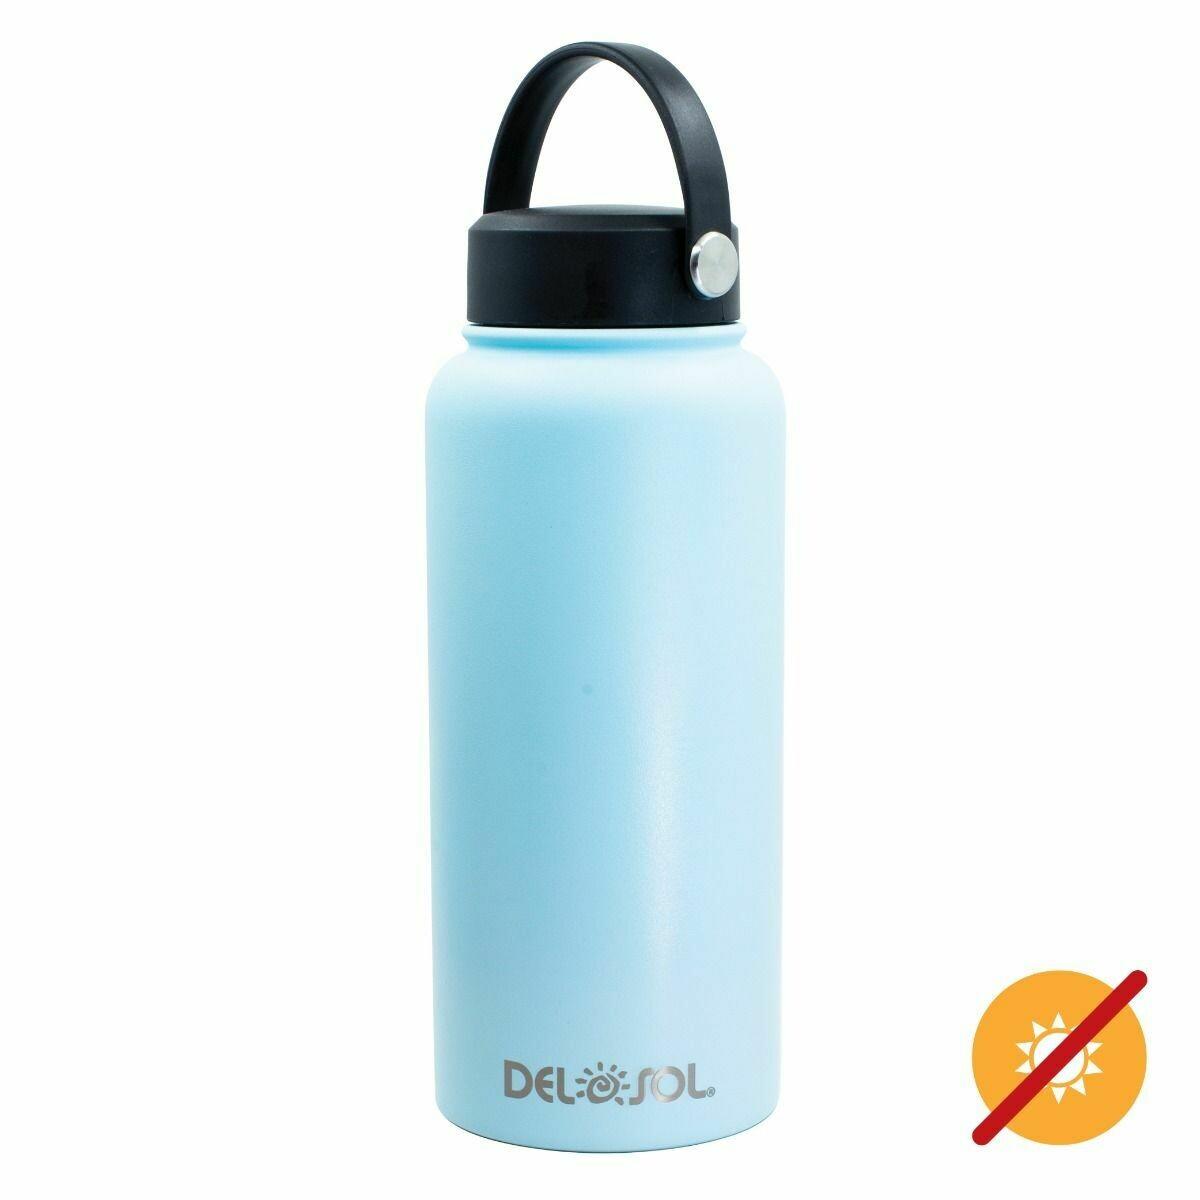 DelSol-waterbottle Blu